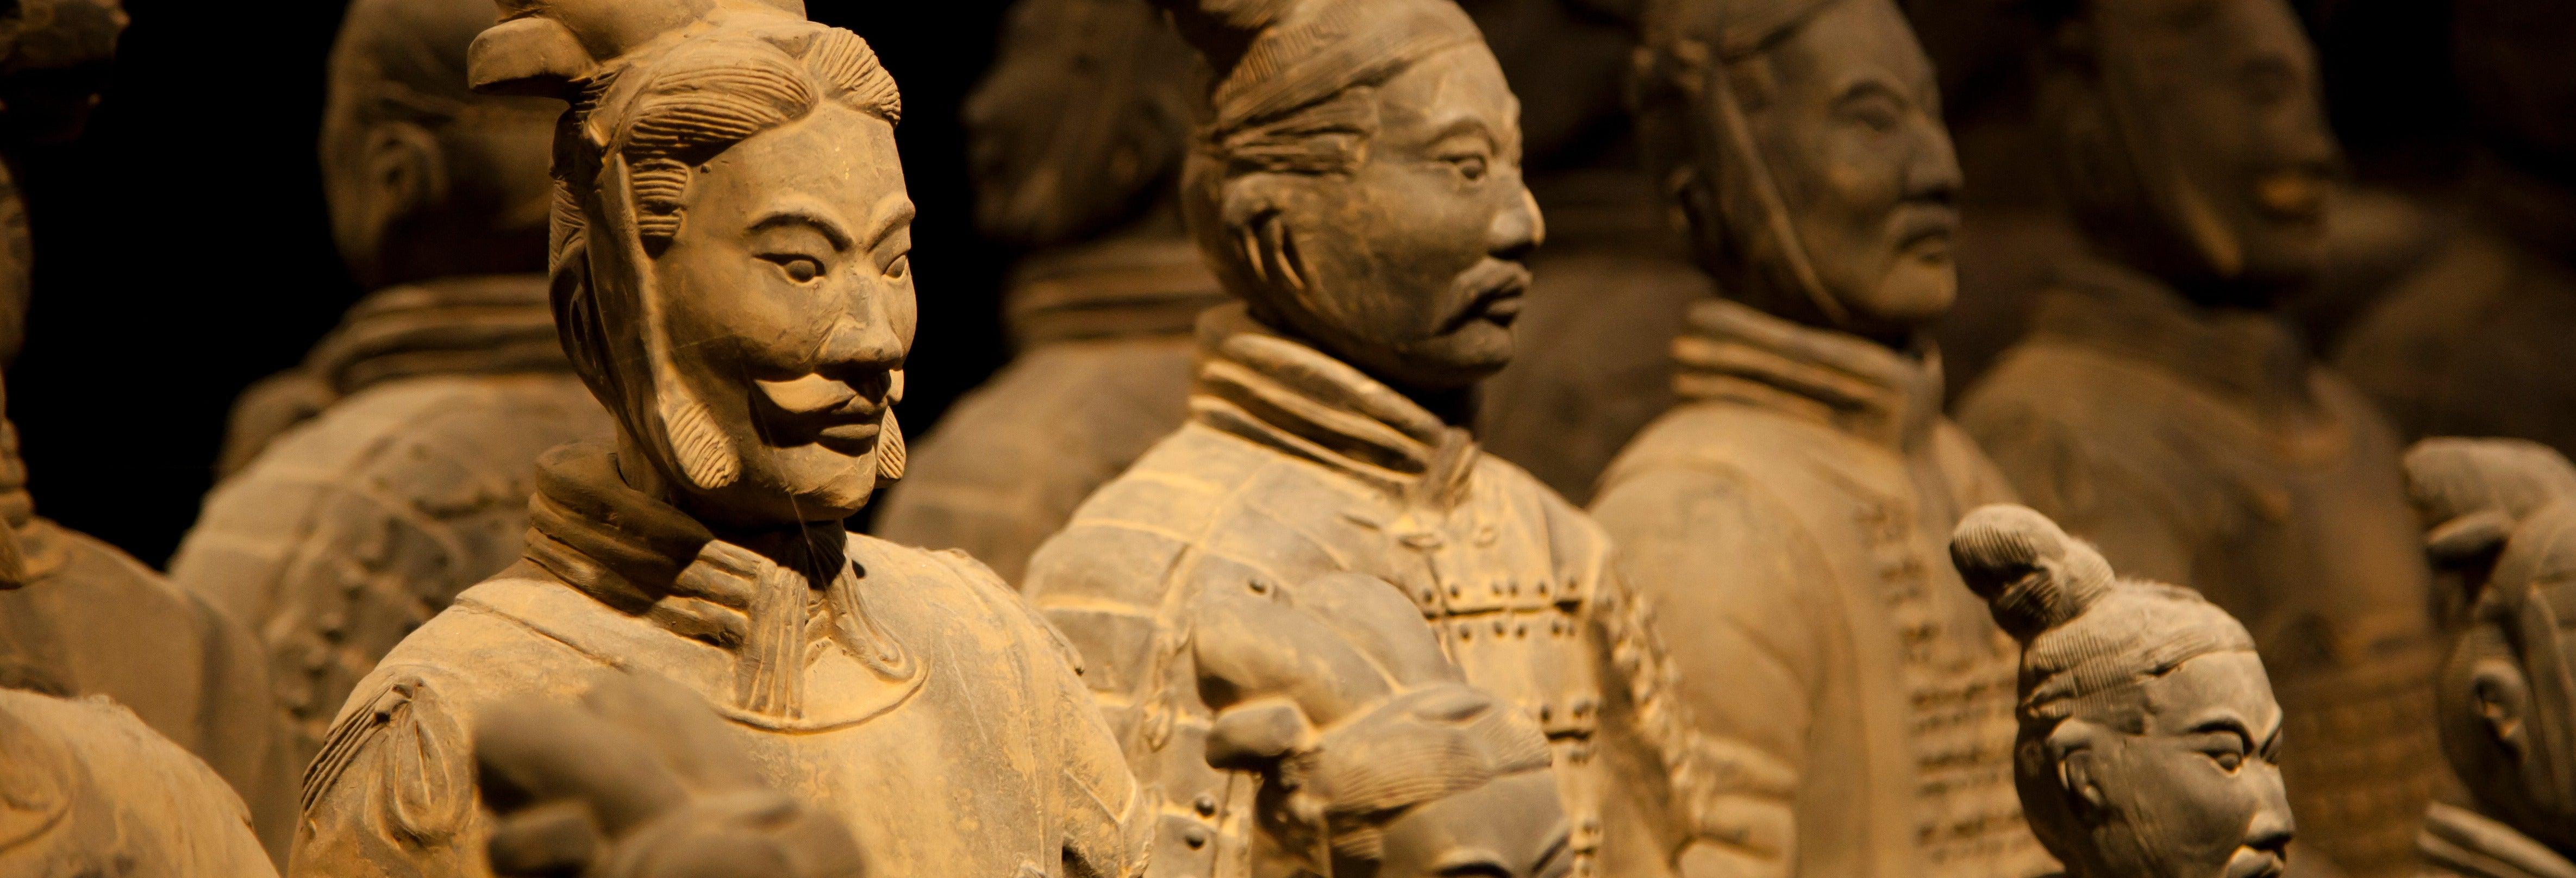 Ruta de la Seda en 8 días desde Xián a Kashgar